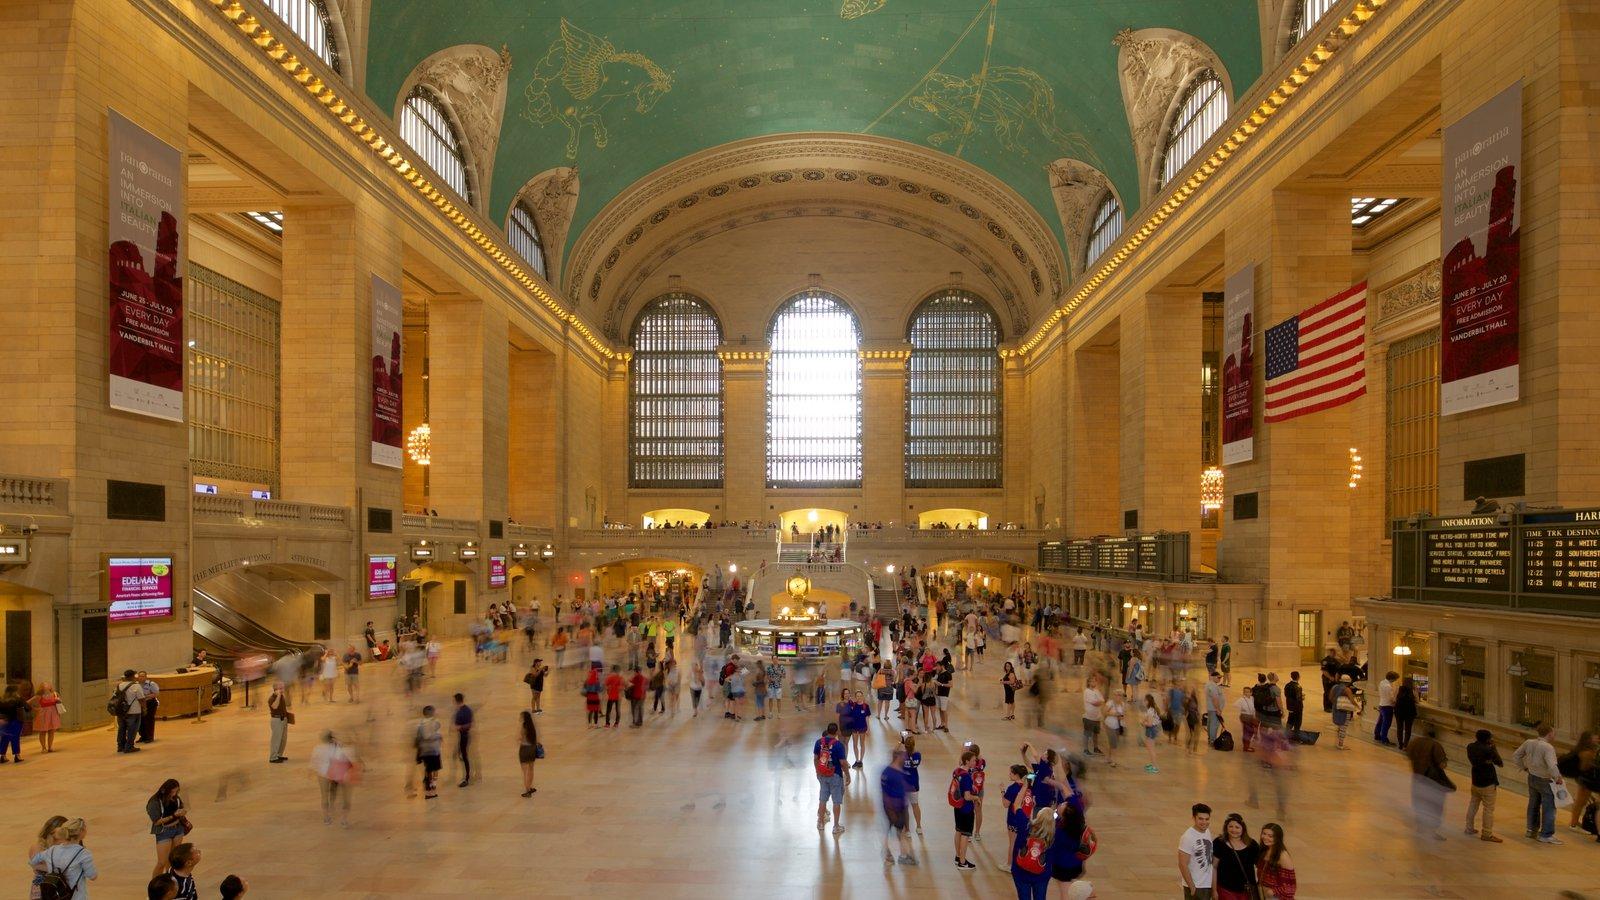 Grand Central Terminal que incluye elementos del patrimonio y vistas interiores